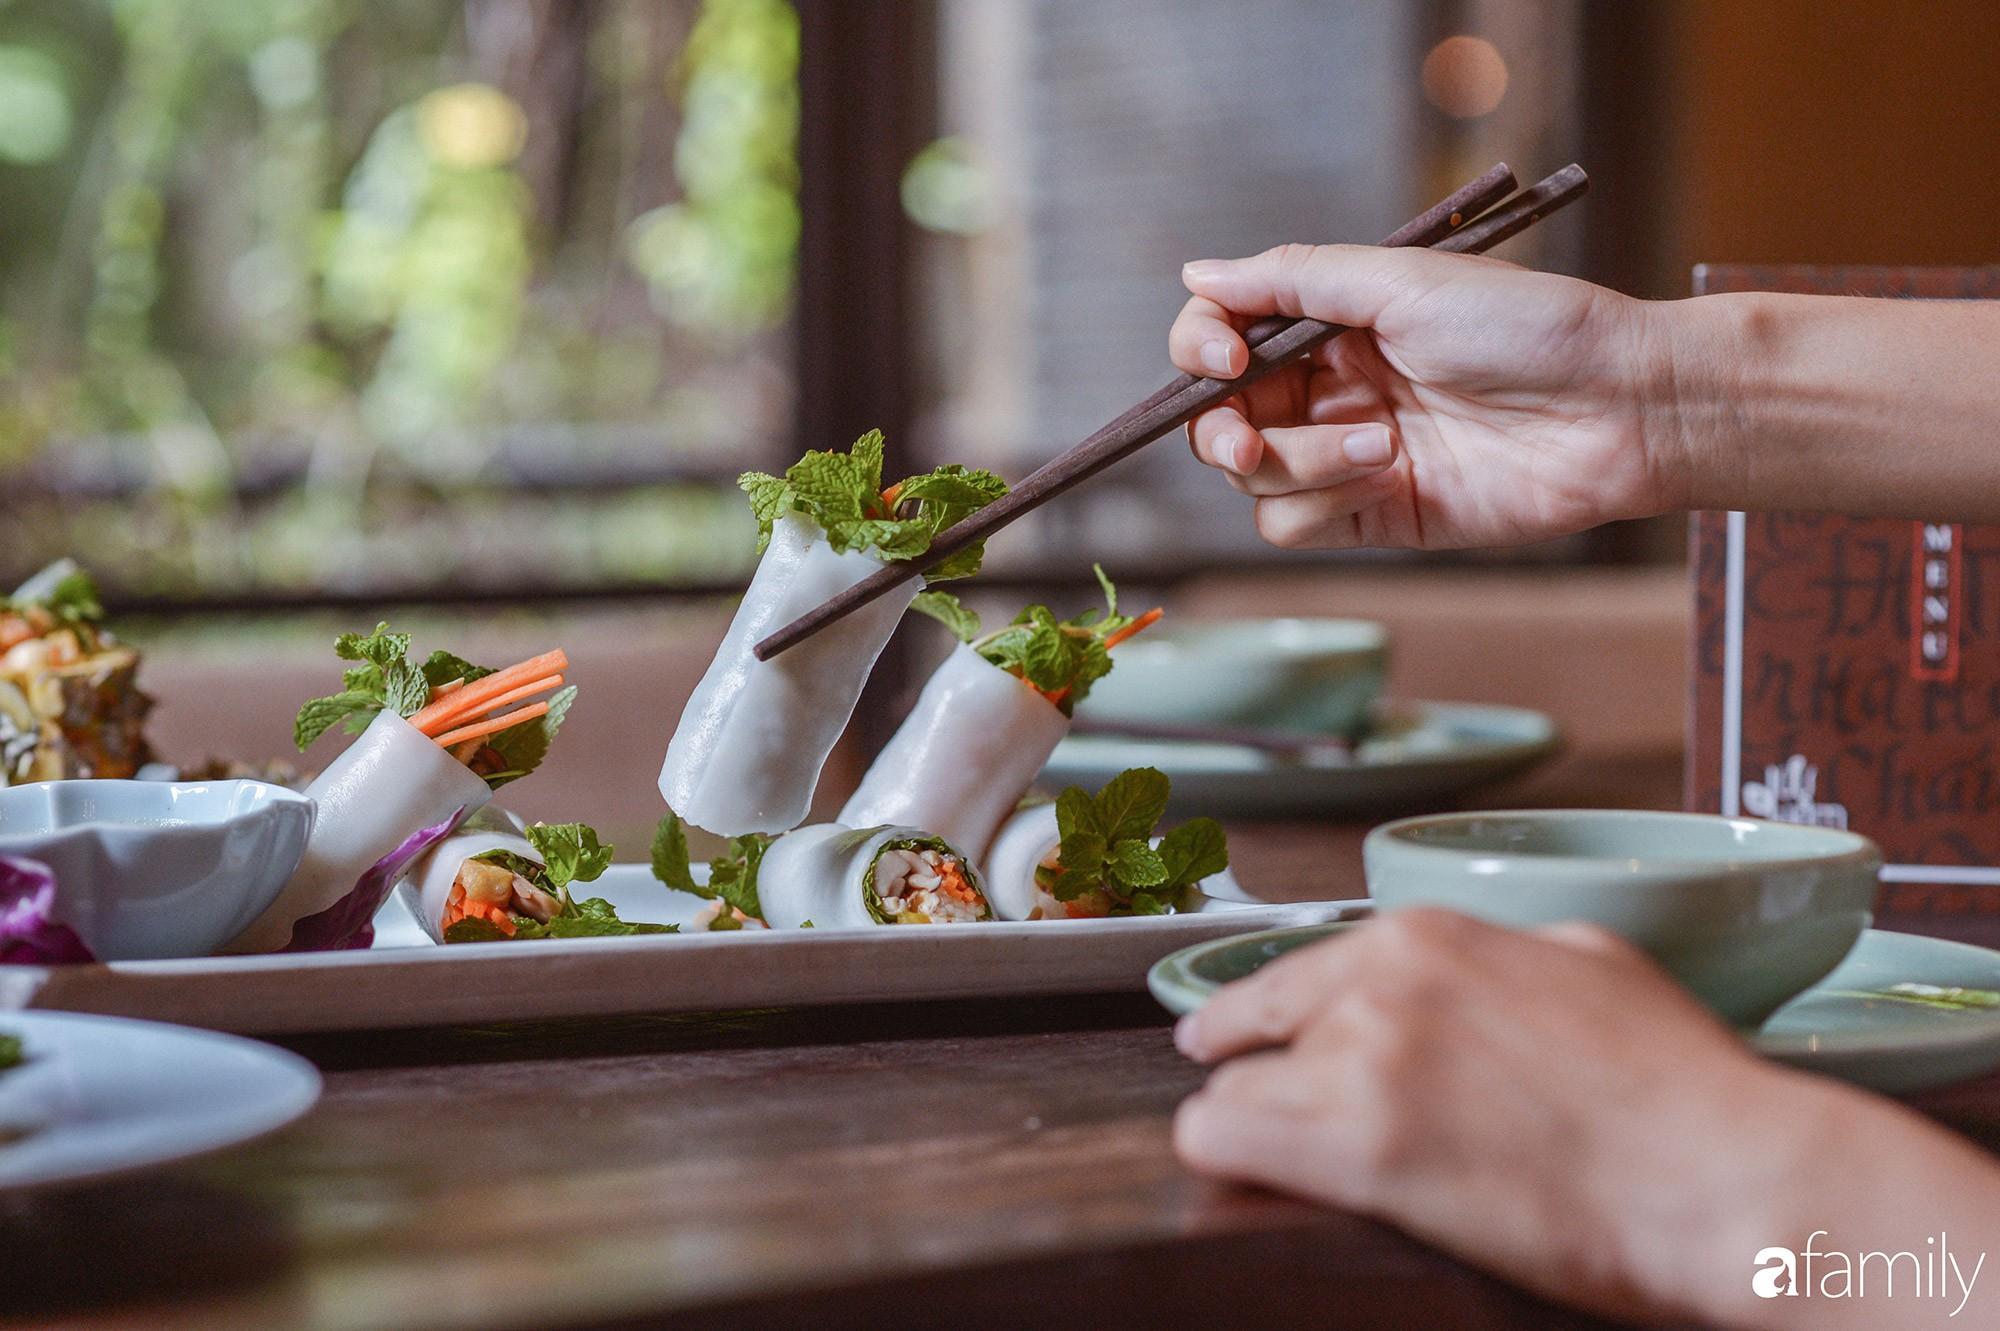 6 nhà hàng chay xinh đẹp và an nhiên nhất định phải đến trong mùa Vu Lan tại Hà Nội và Sài Gòn - Ảnh 4.